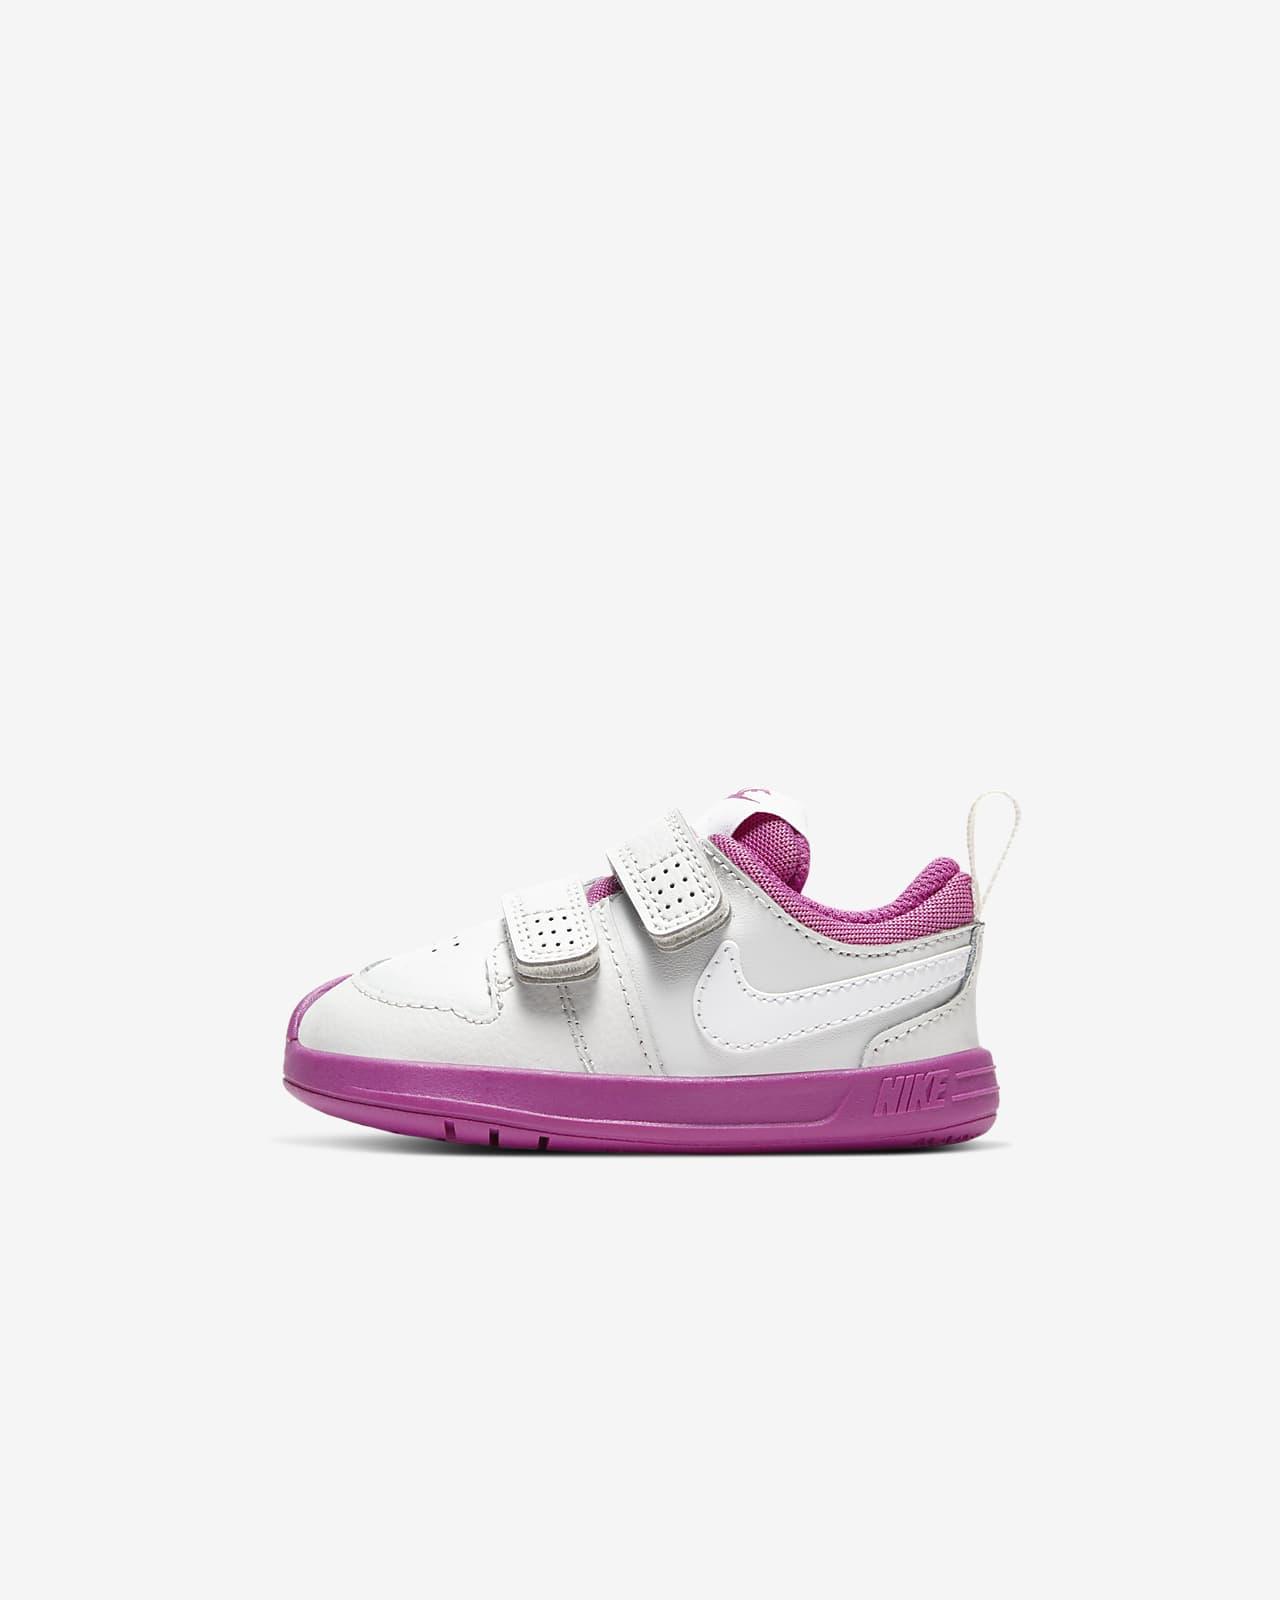 Παπούτσι Nike Pico 5 για βρέφη και νήπια